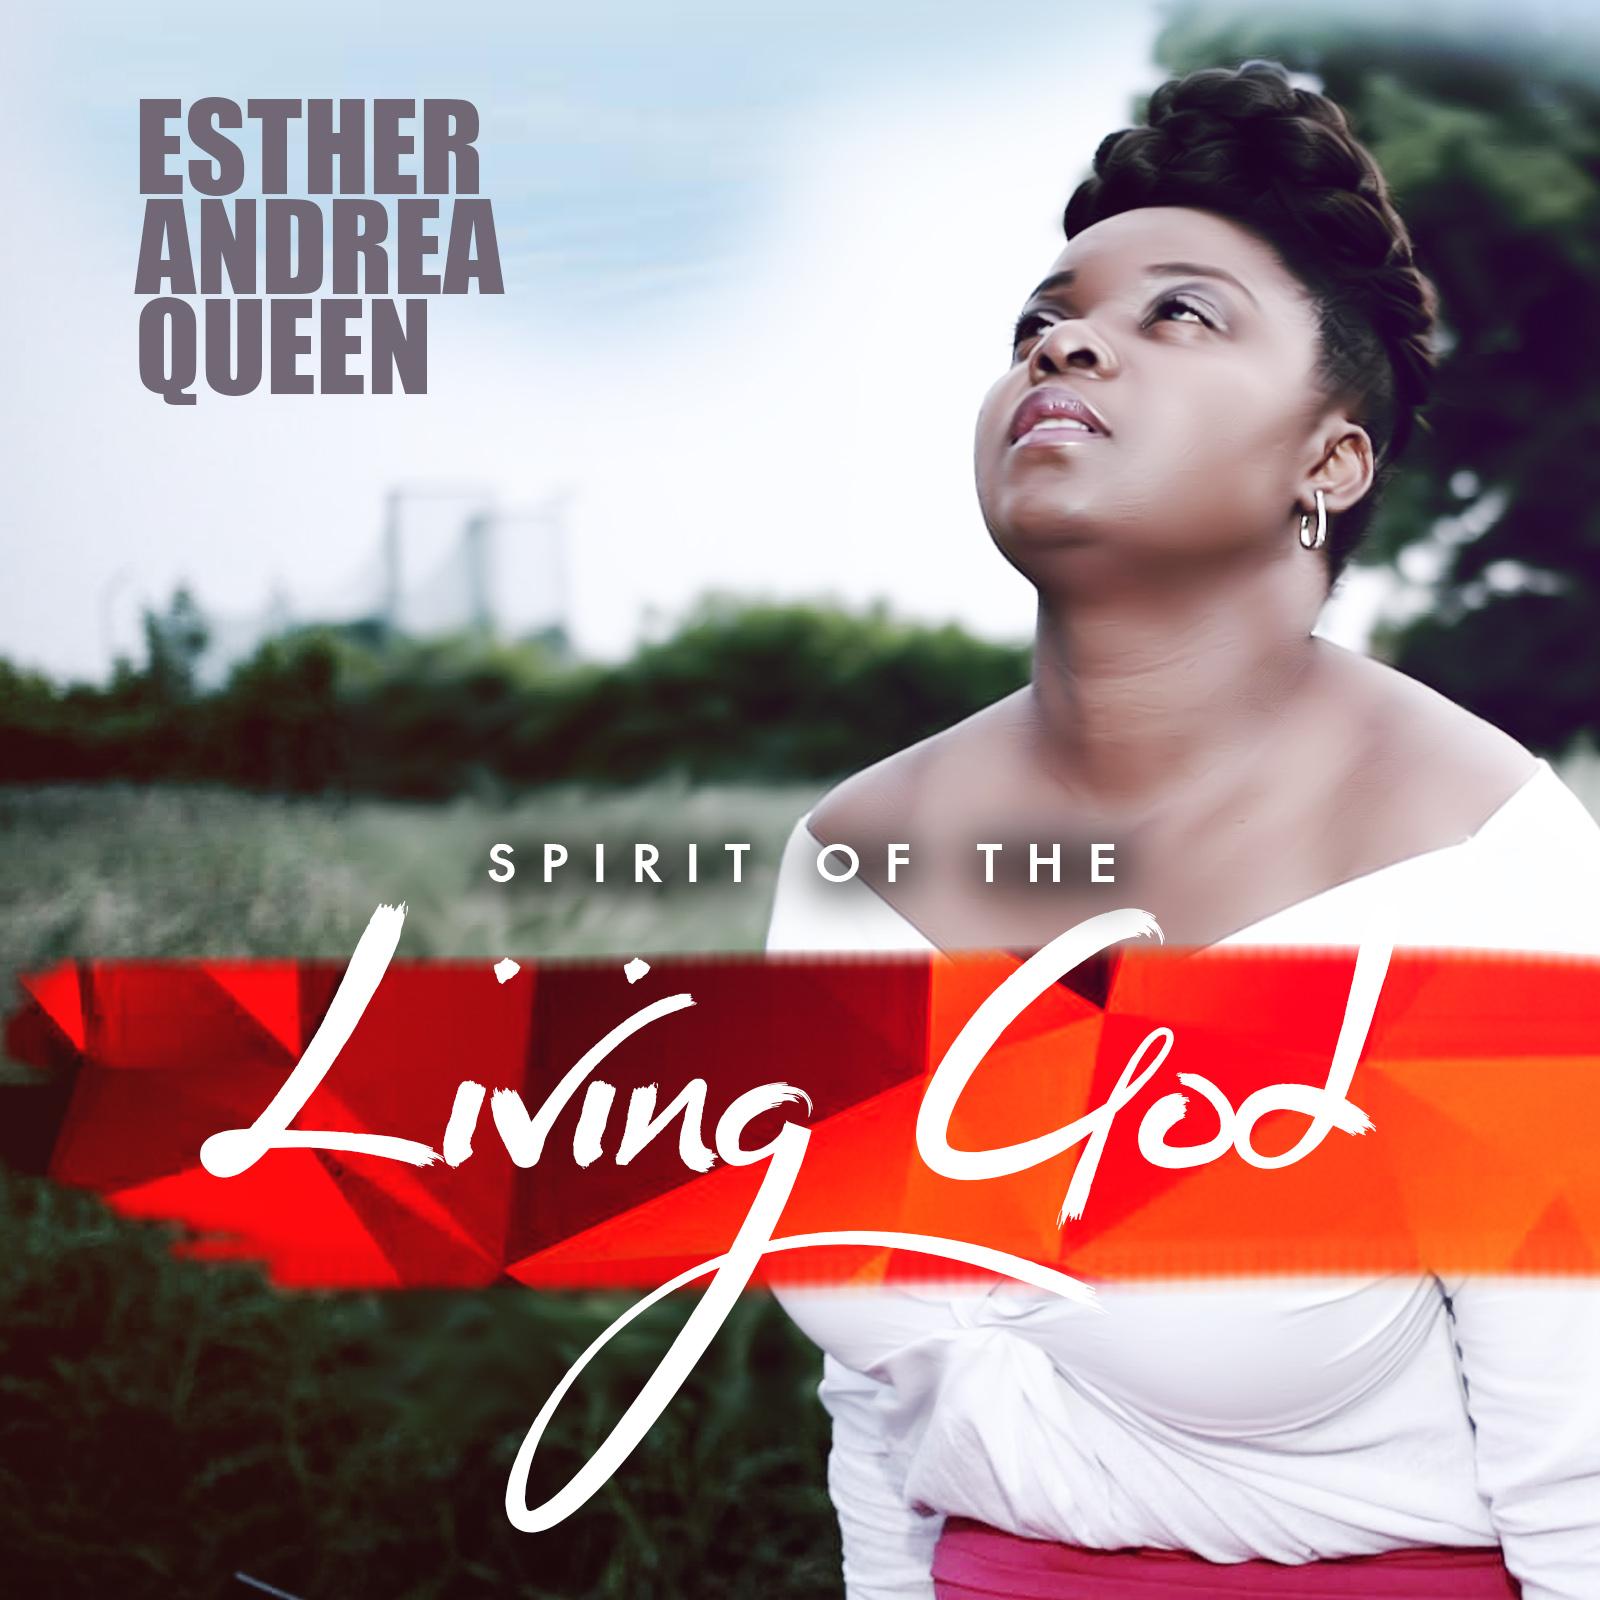 ESTHER ANDREA QUEEN - SPIRIT OF THE LIVING GOD | @ESTHERANDREAQU1